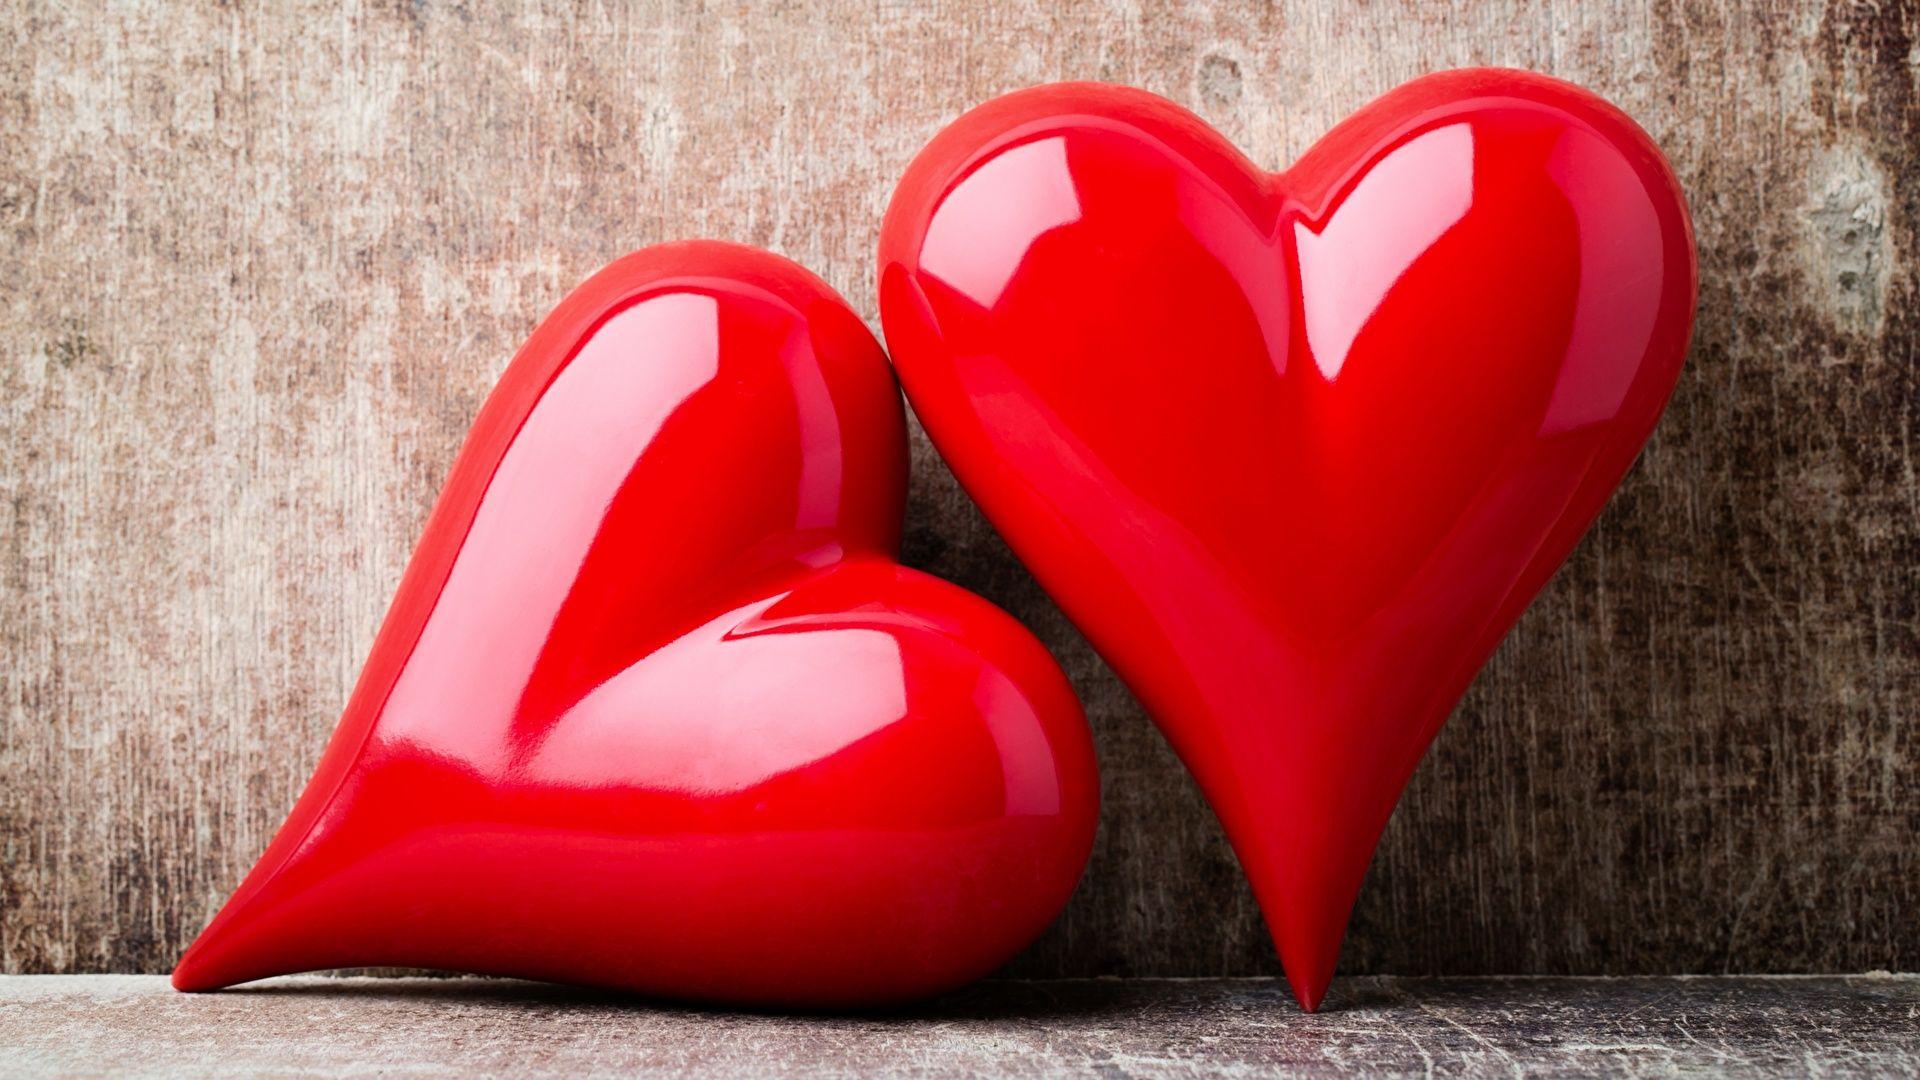 Heart laptop wallpaper